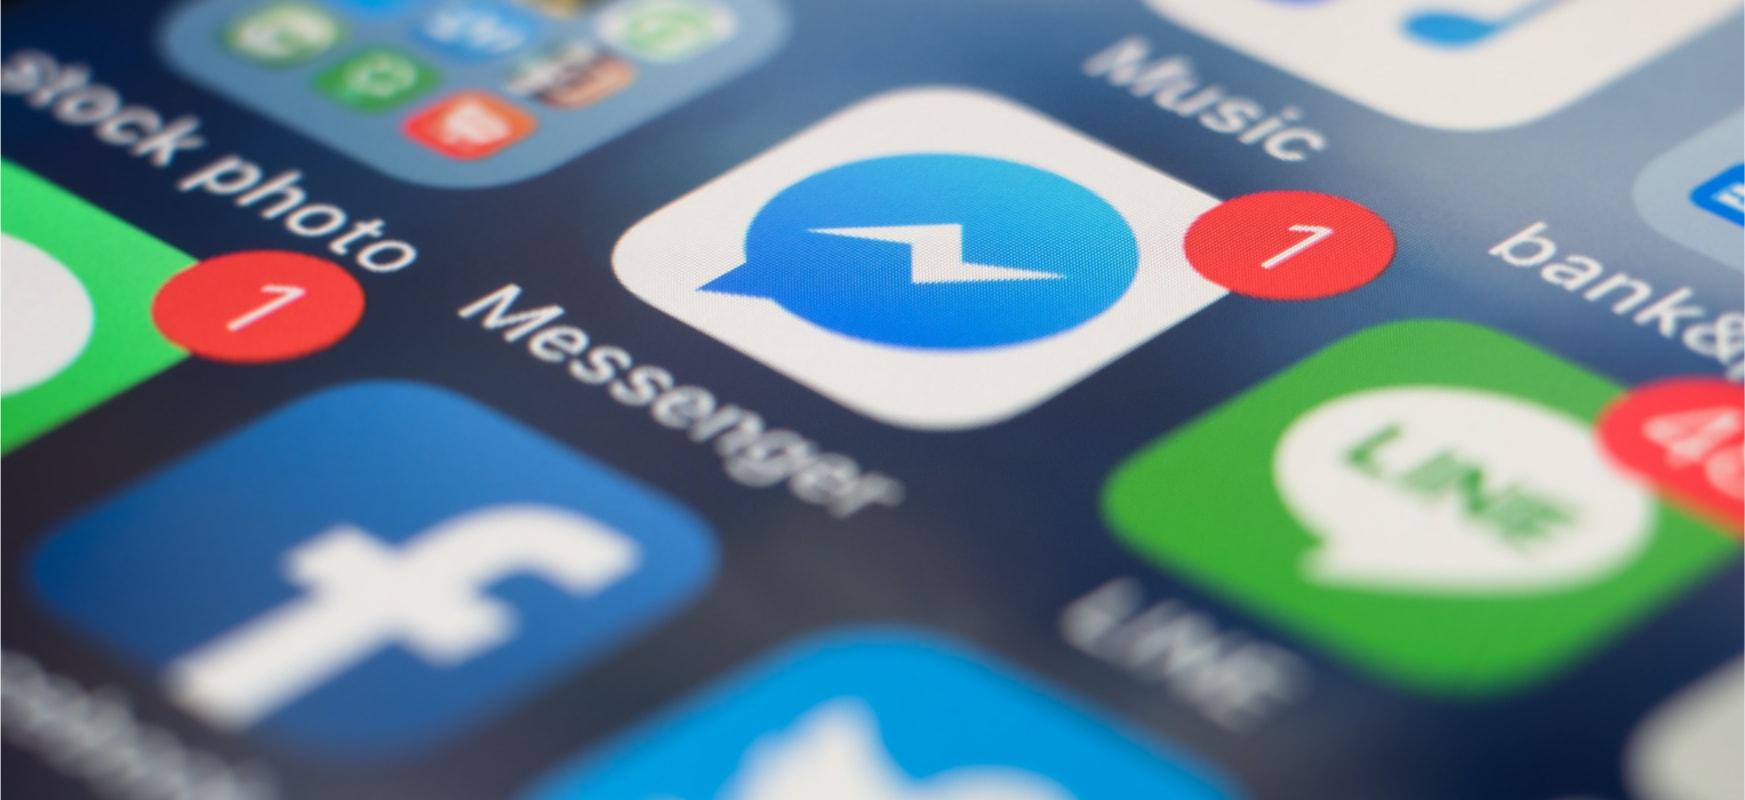 Nire FB Messenger-ek soinu arraroak egiten ditu.  Entzun al dituzu?